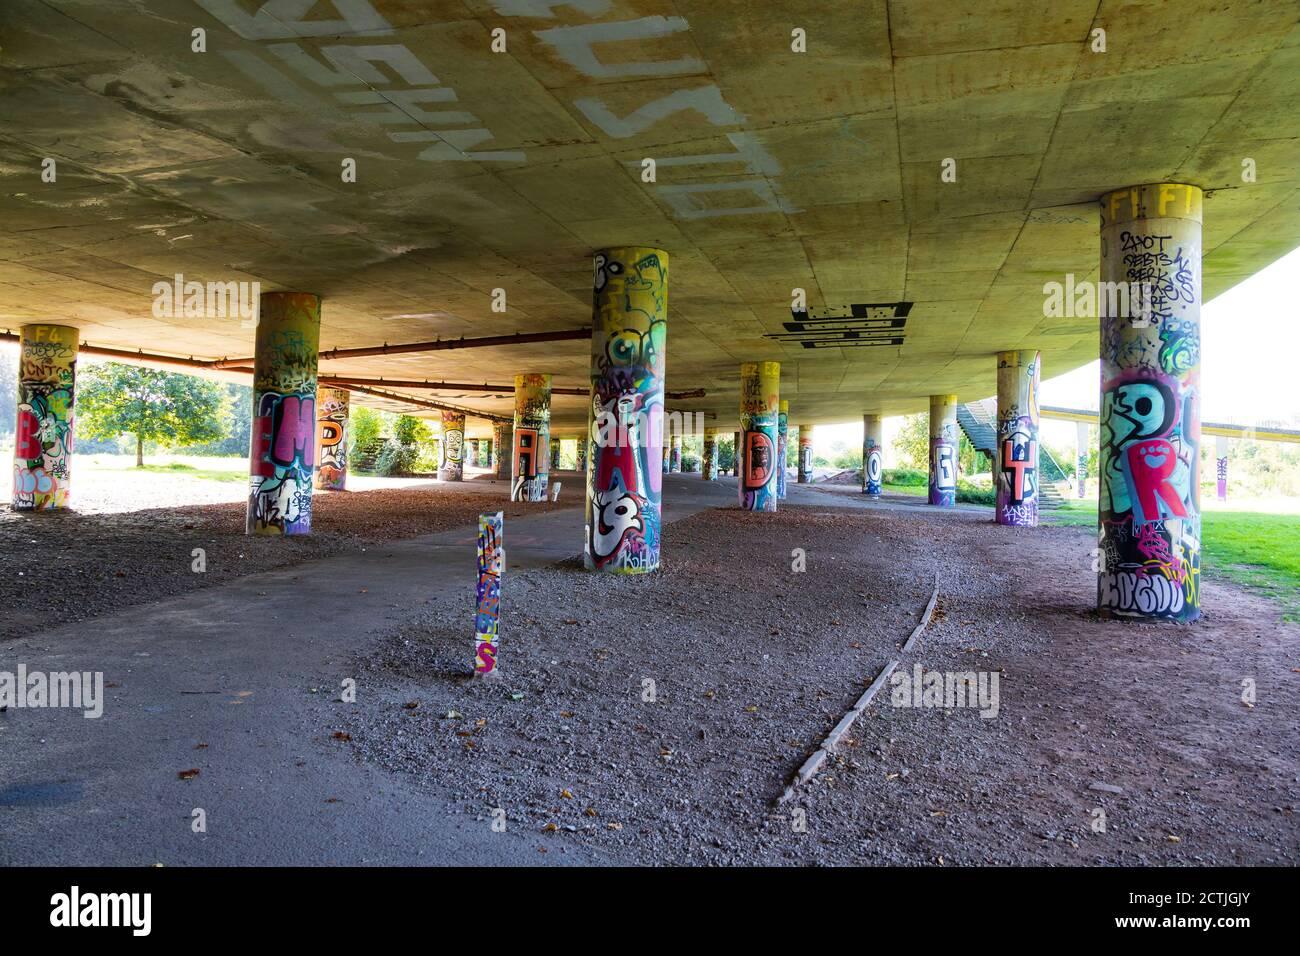 Columnas de apoyo en forma de graffitis bajo la vía Brunel, puente de carretera A3029. Bristol, Inglaterra. Septiembre de 2020 Foto de stock